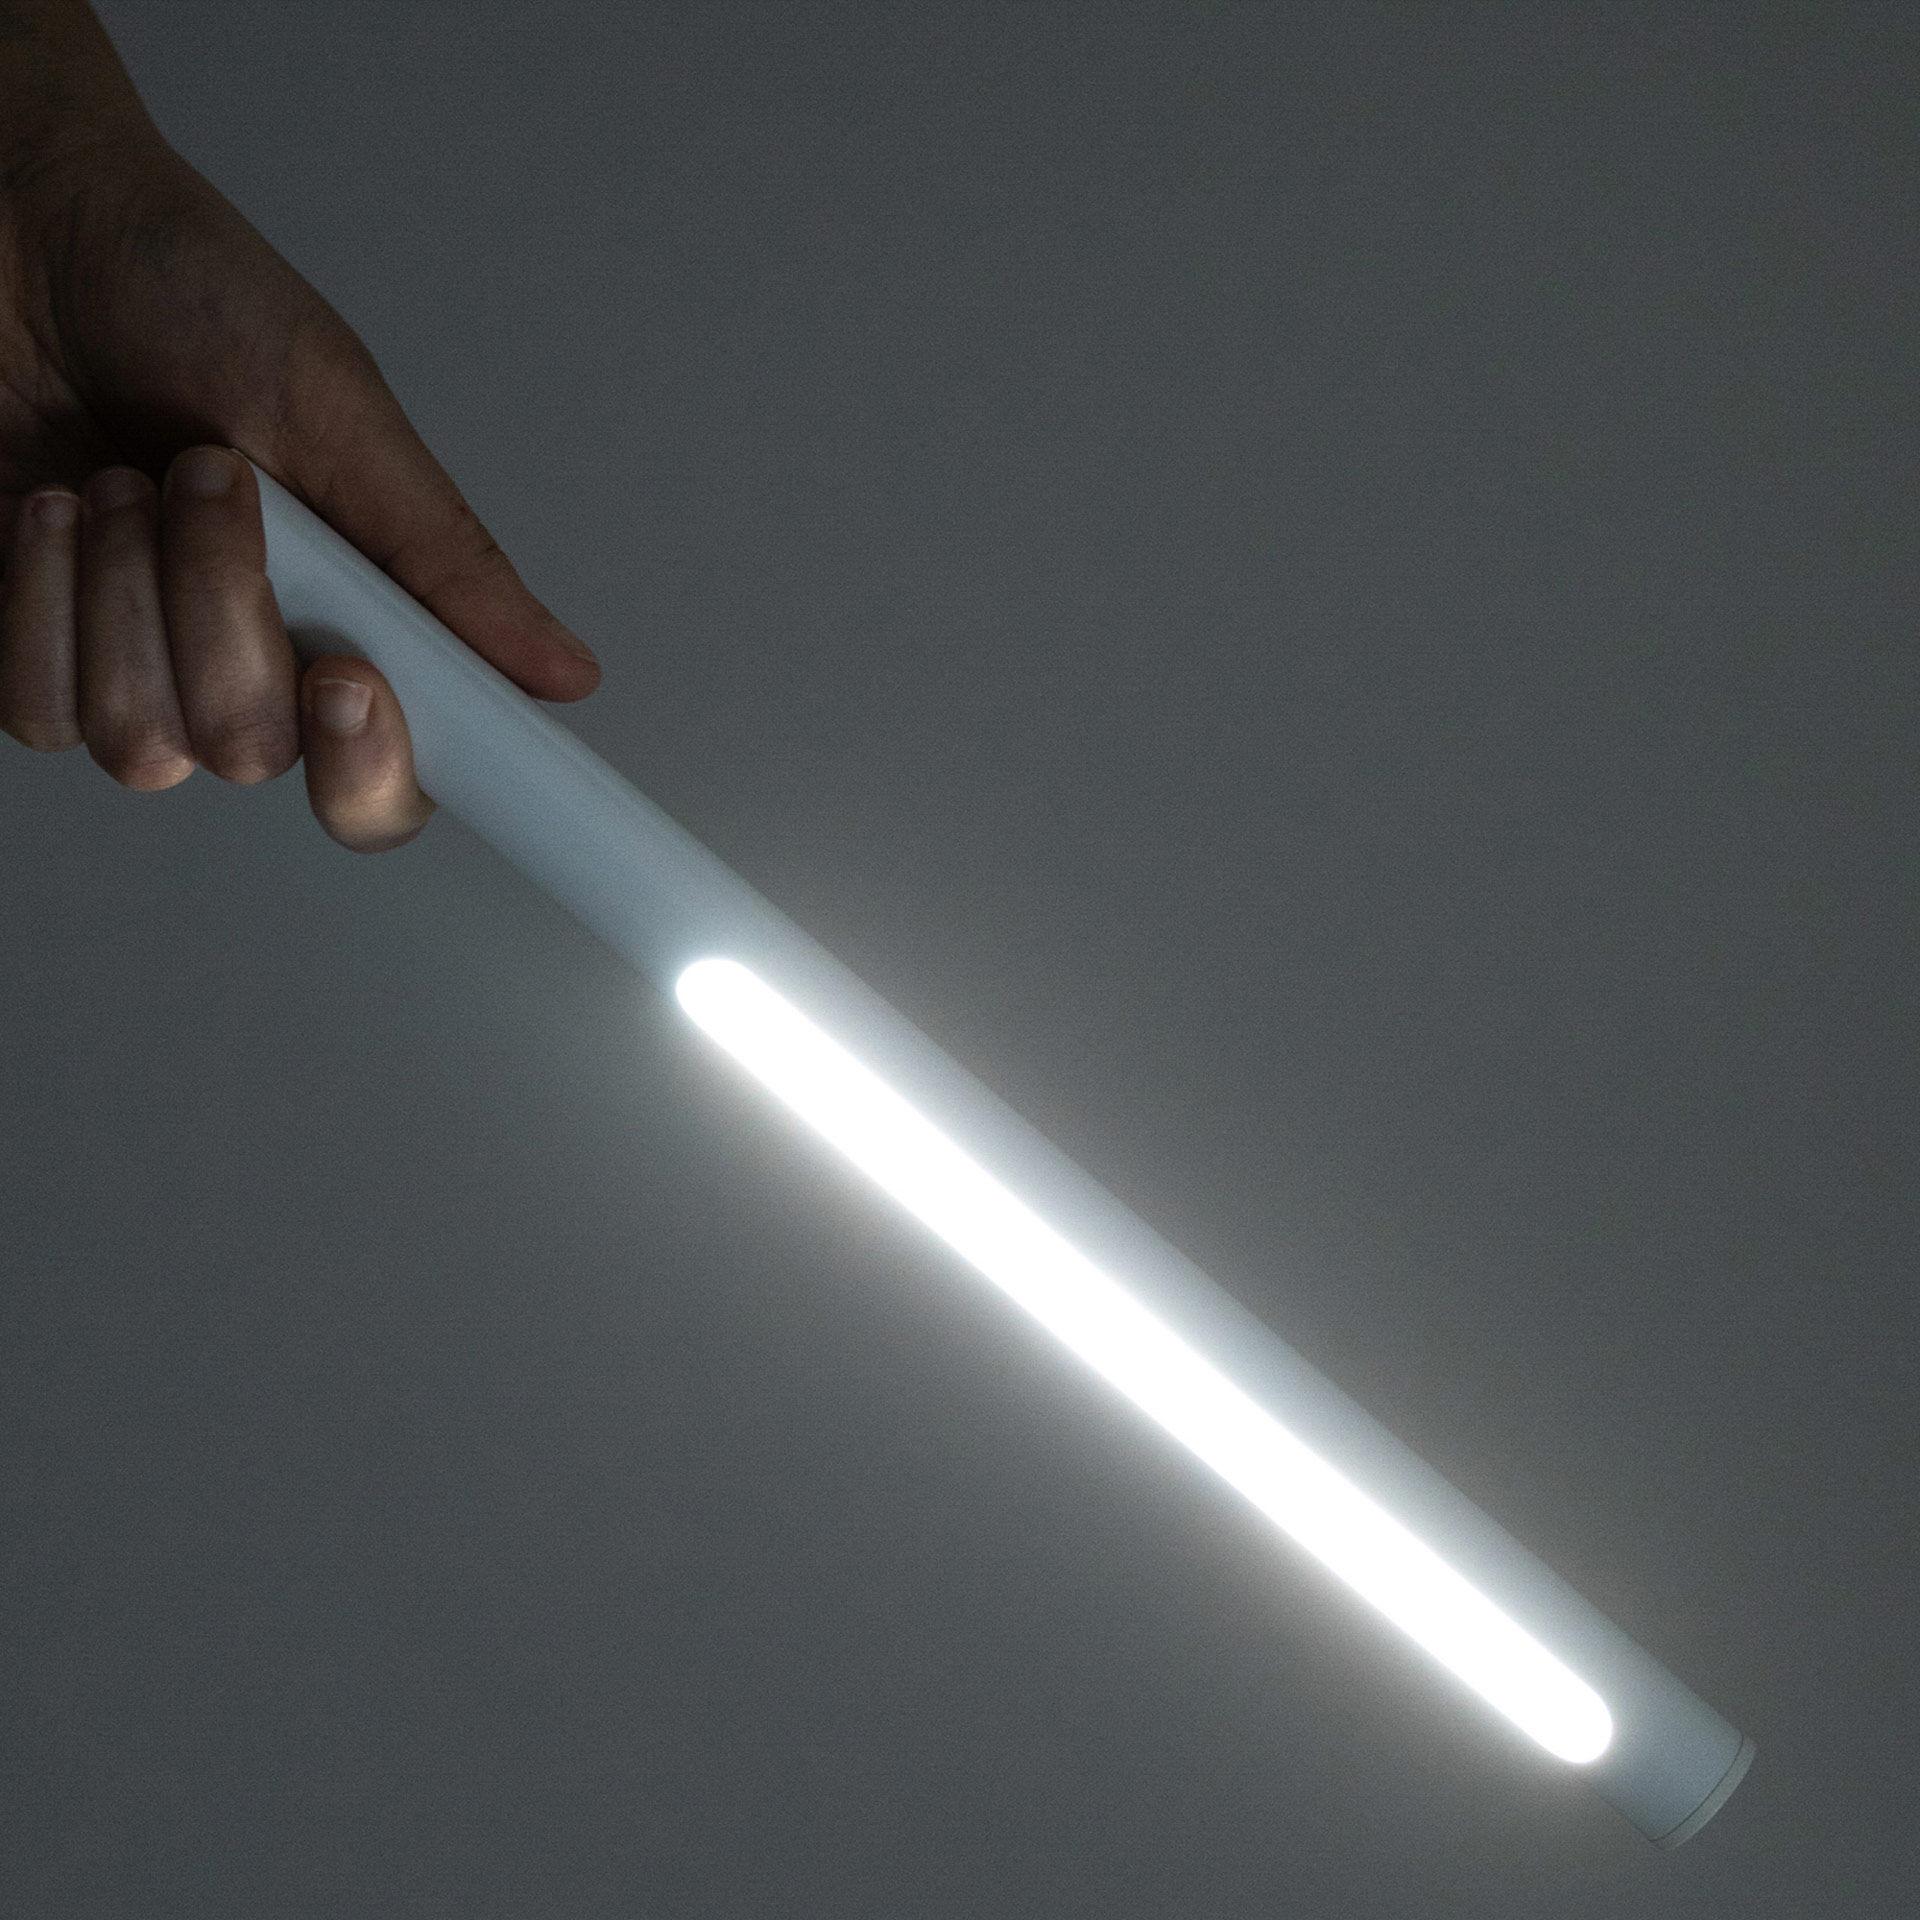 Lumière rechargeable portable 40 LED, , large